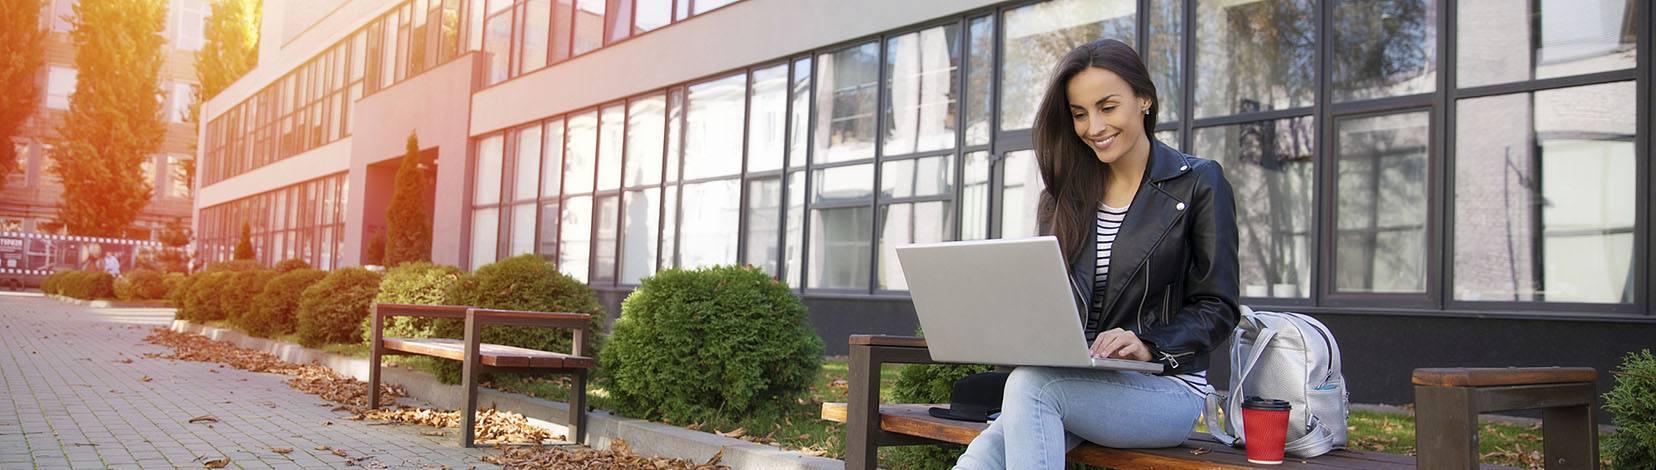 Una joven revisa su ordenador